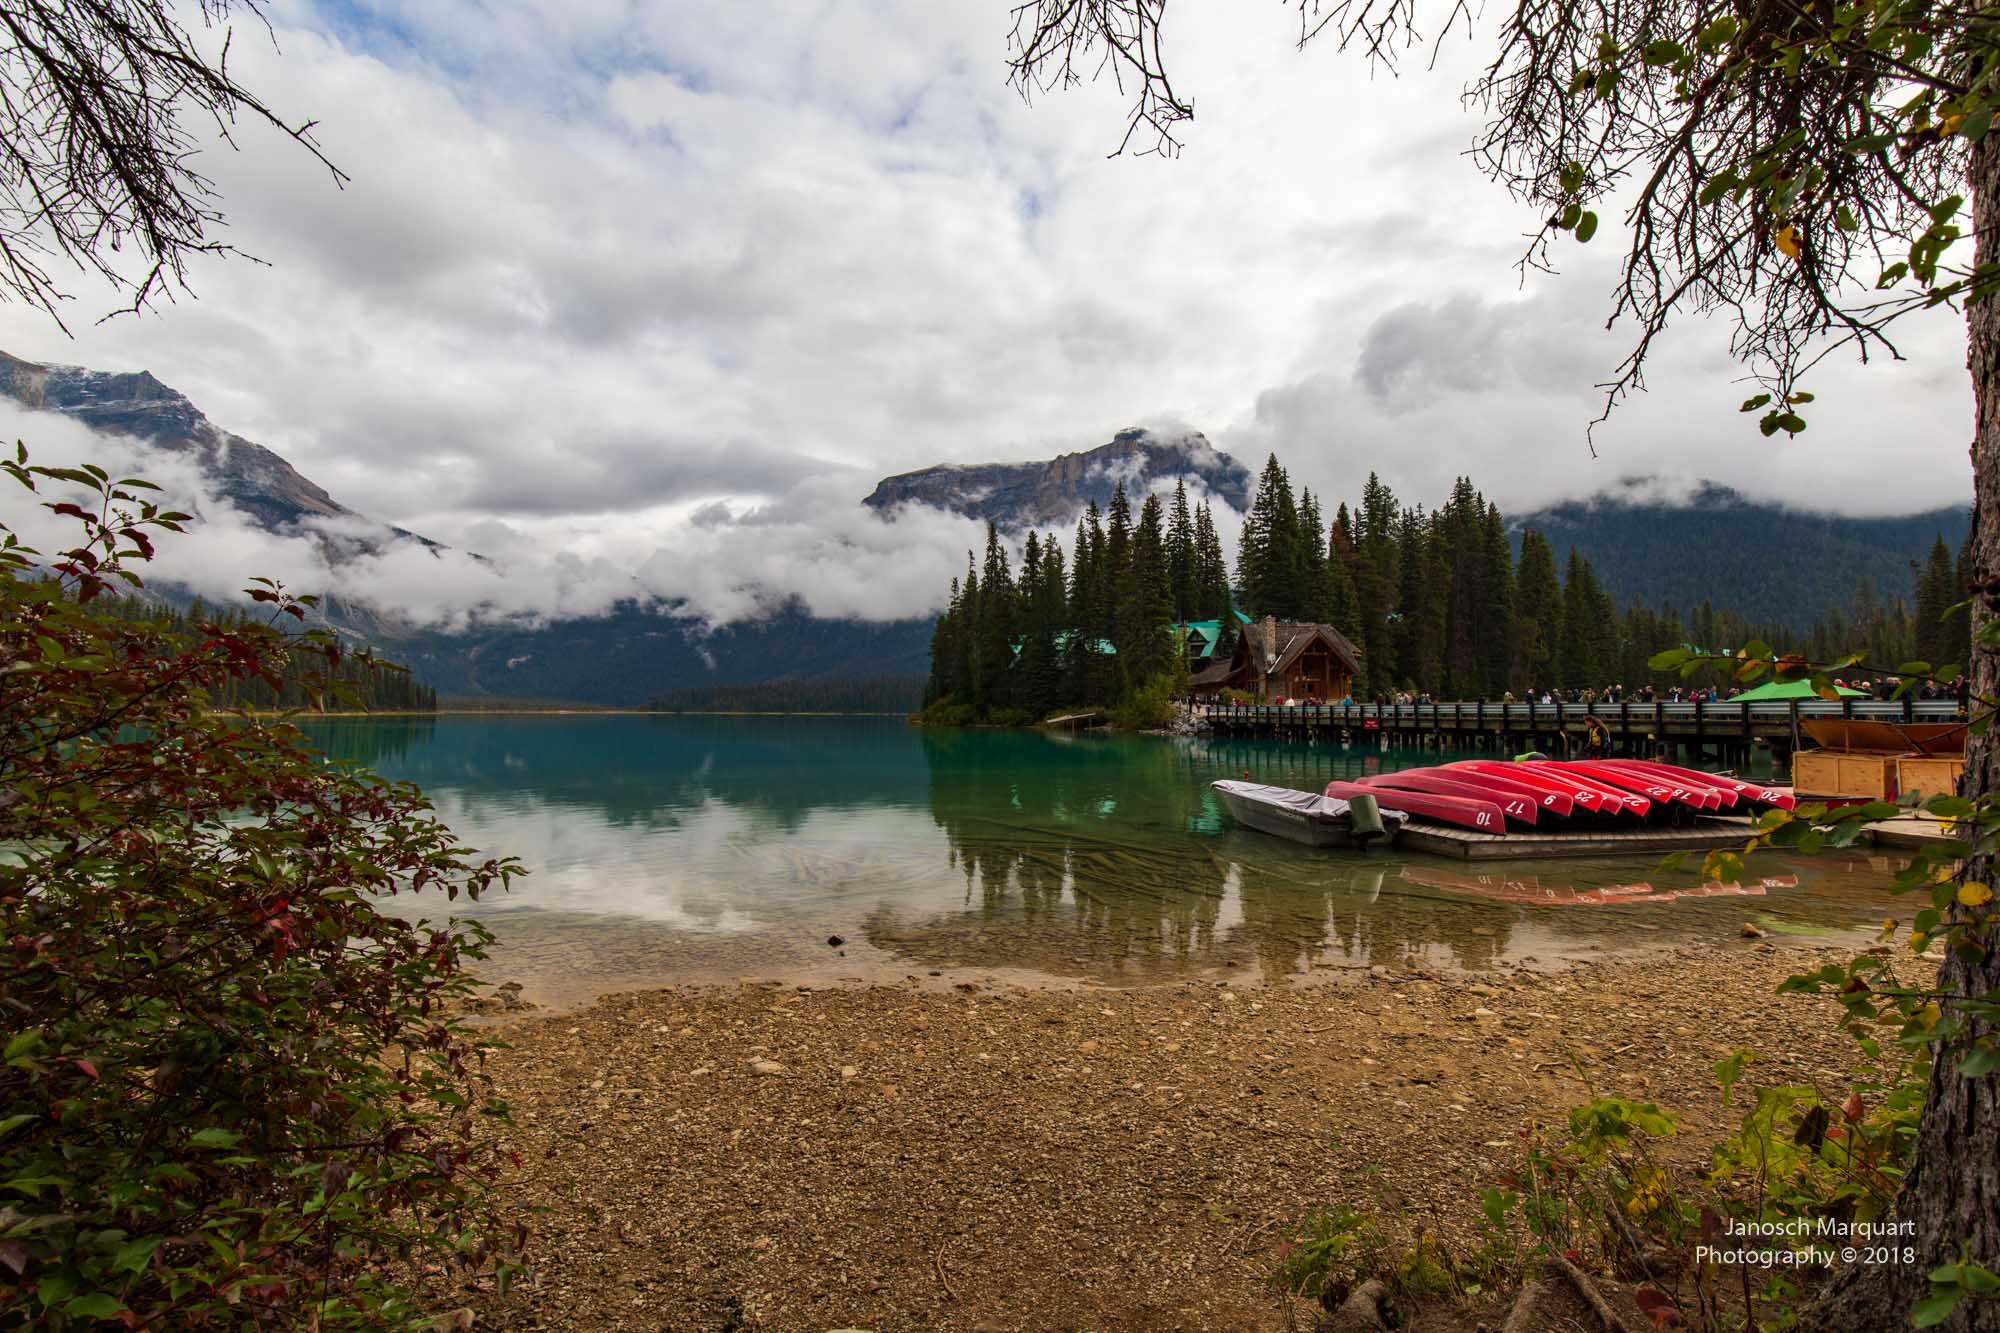 Emerald Lake mit Kanus im Vordergrund.